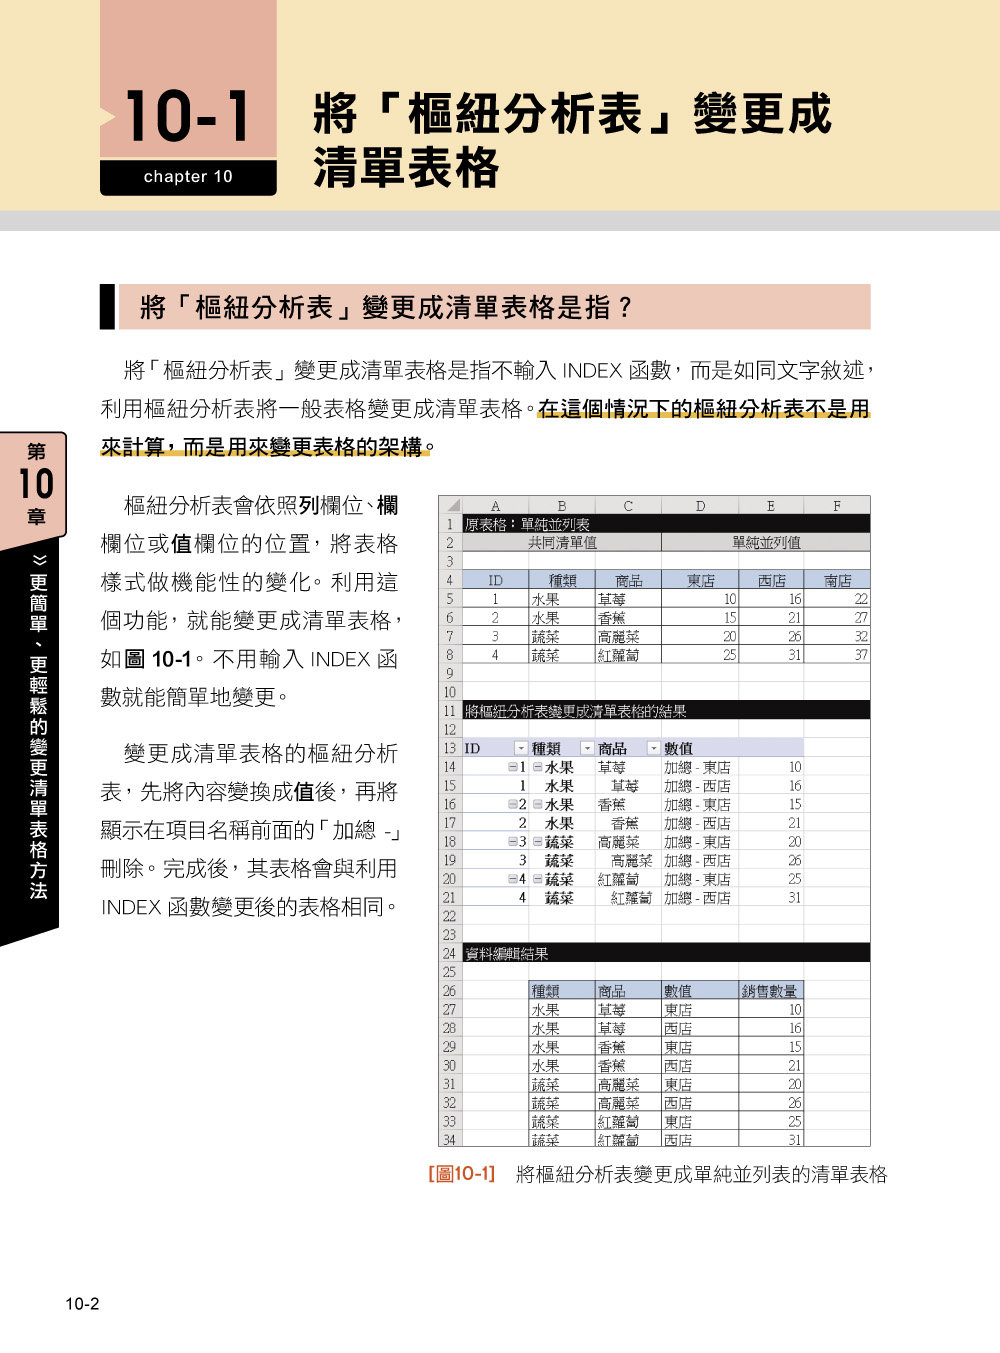 免寫程式!Excel 大量資料整理術:早知道這些技巧,樞紐分析不再抓狂-preview-10